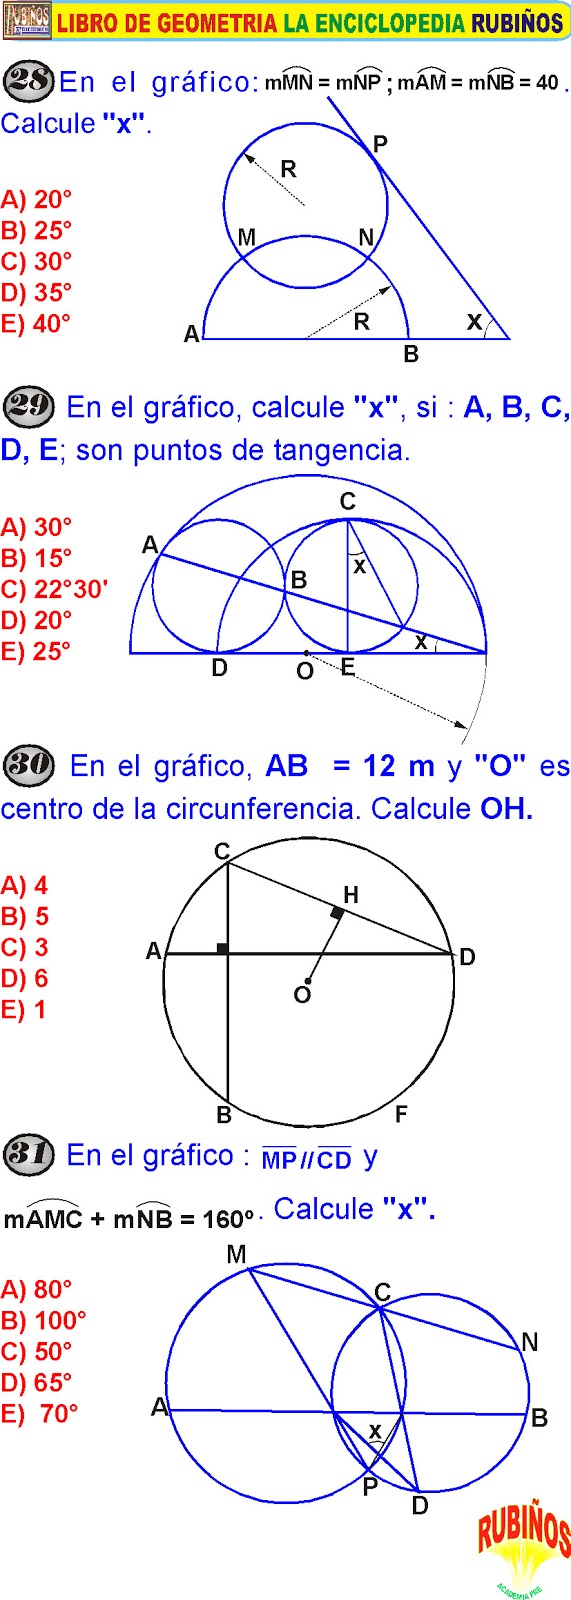 Diagrama de venn ejercicios resueltos para nic3b1os electrical circunferencia ejercicios con respuestas de geometr a rh matematicasn blogspot com ccuart Gallery